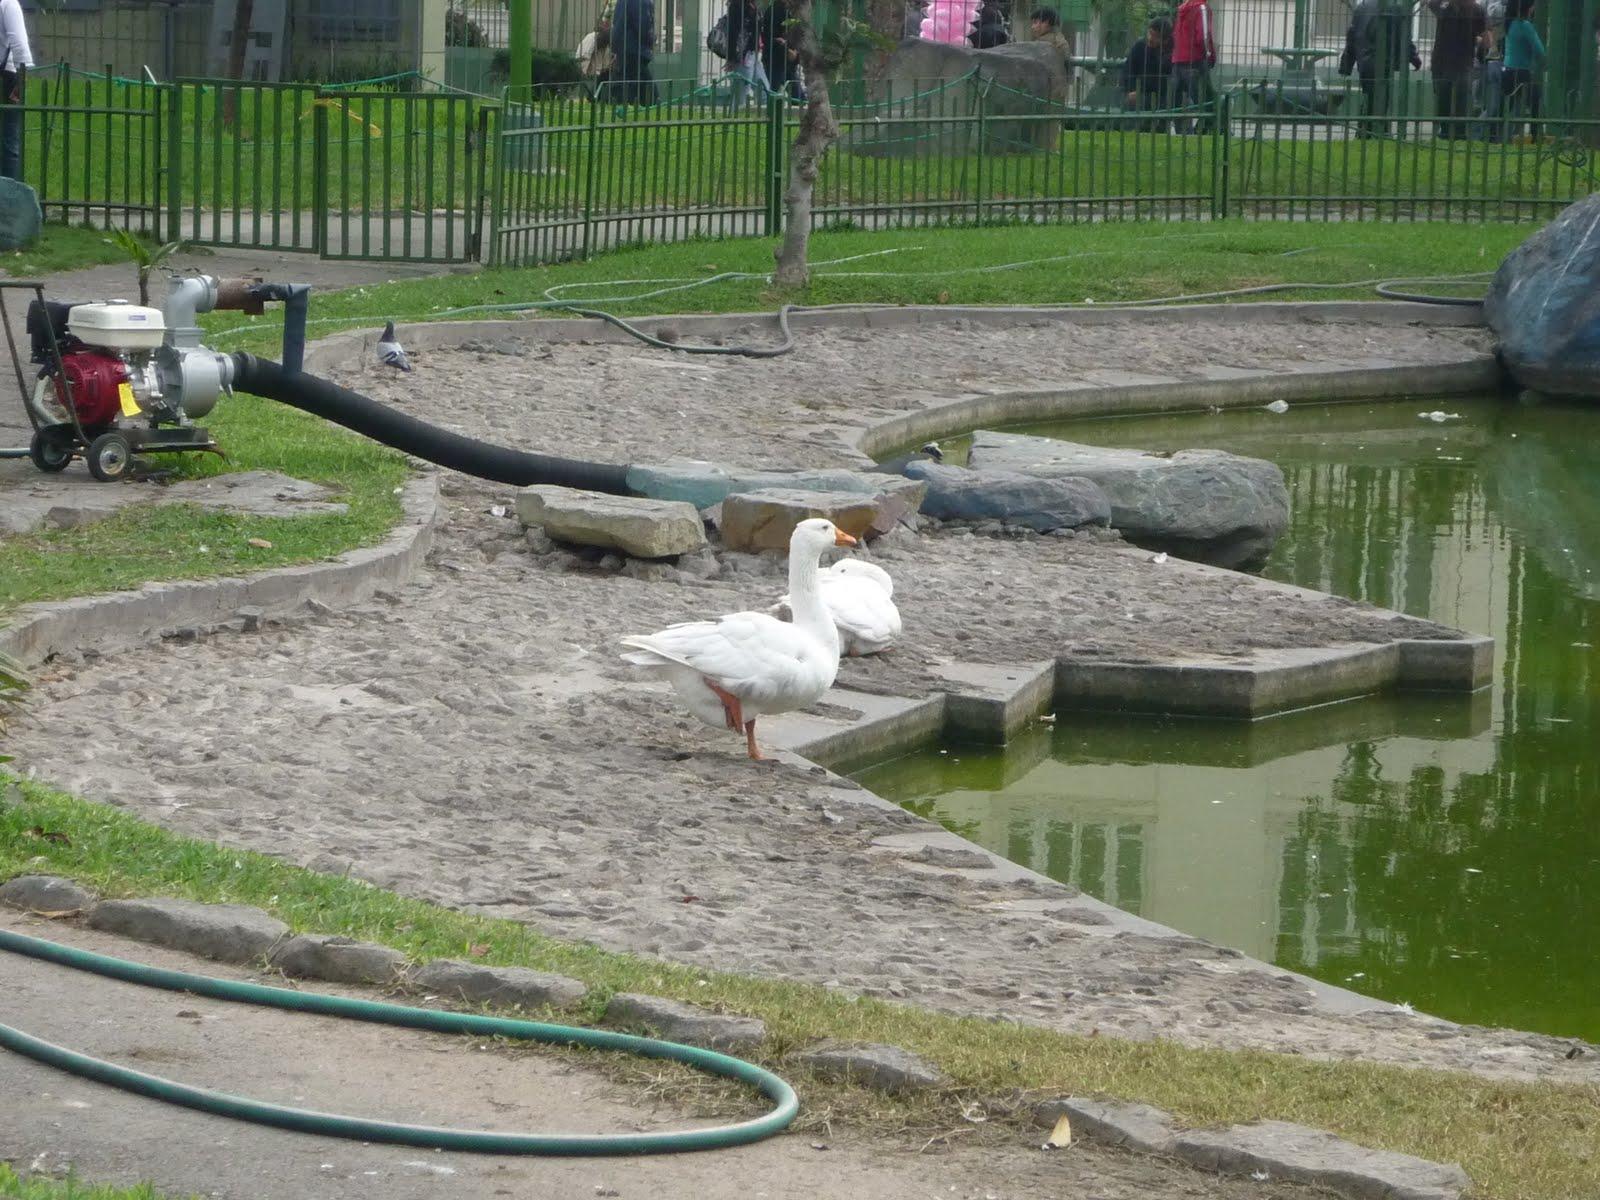 Parque de la exposici n lugares tur sticos regi n lima for Plastico para impermeabilizar lagunas